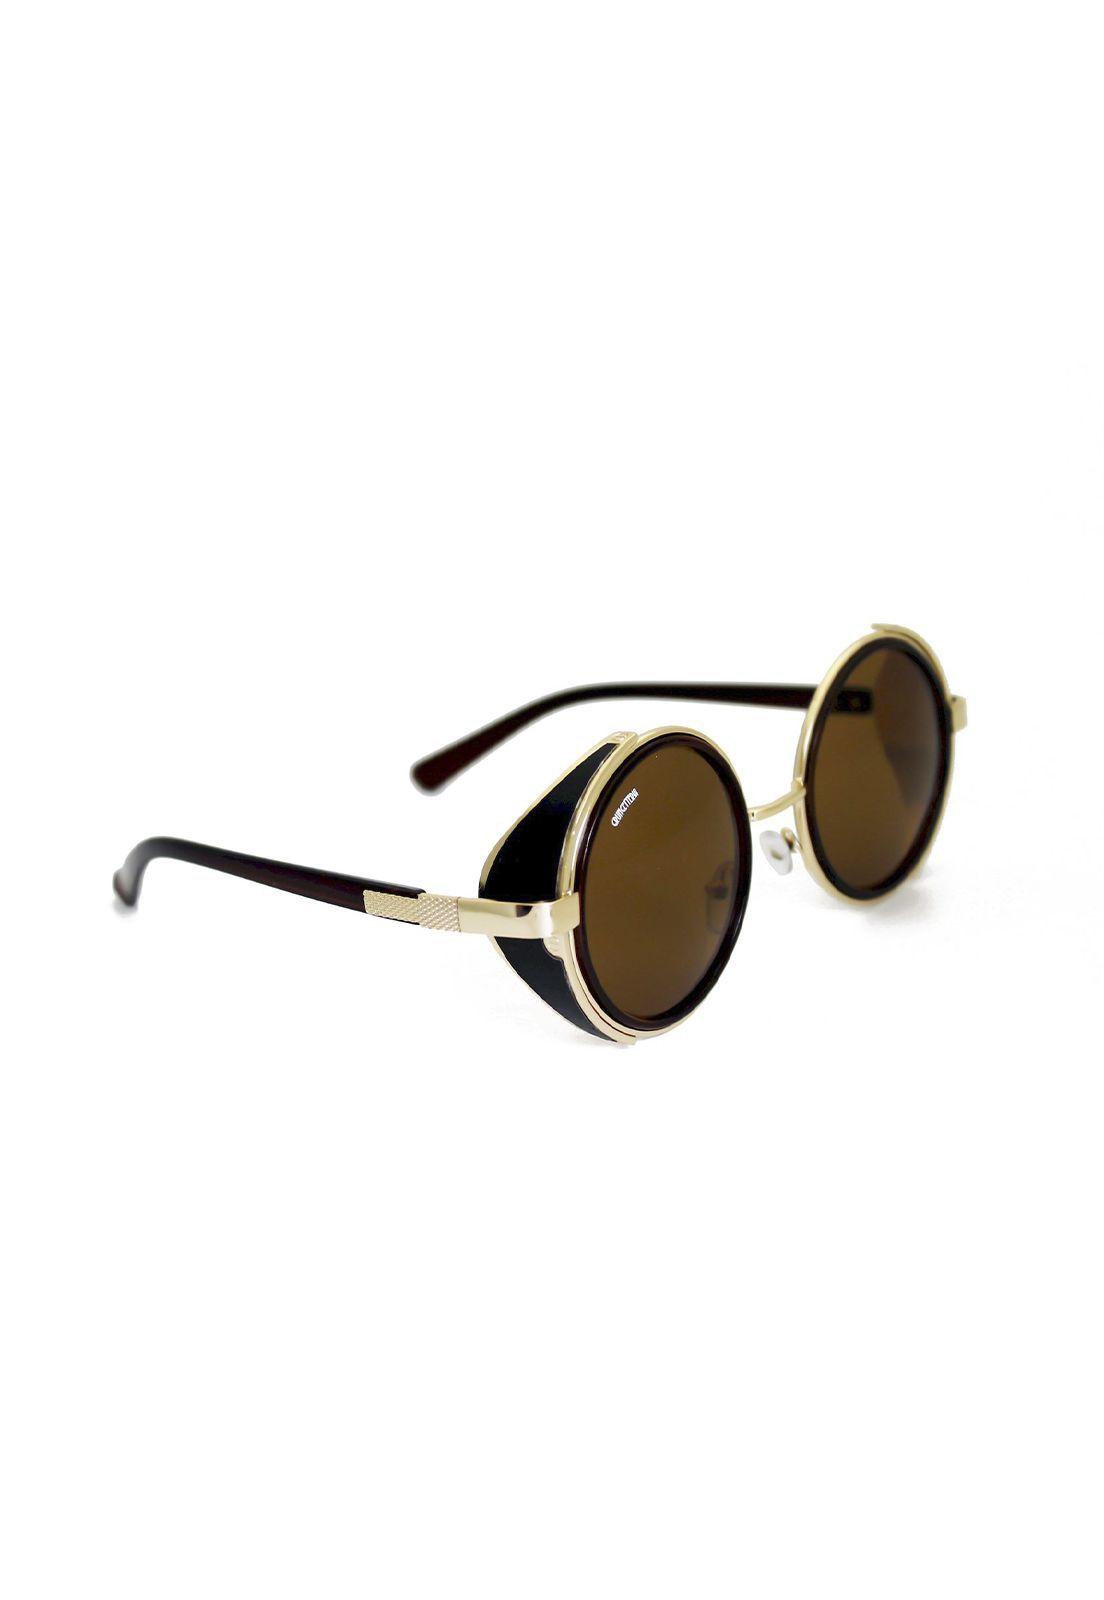 Óculos de Sol Grungetteria Funileiro Marrom & Dourado